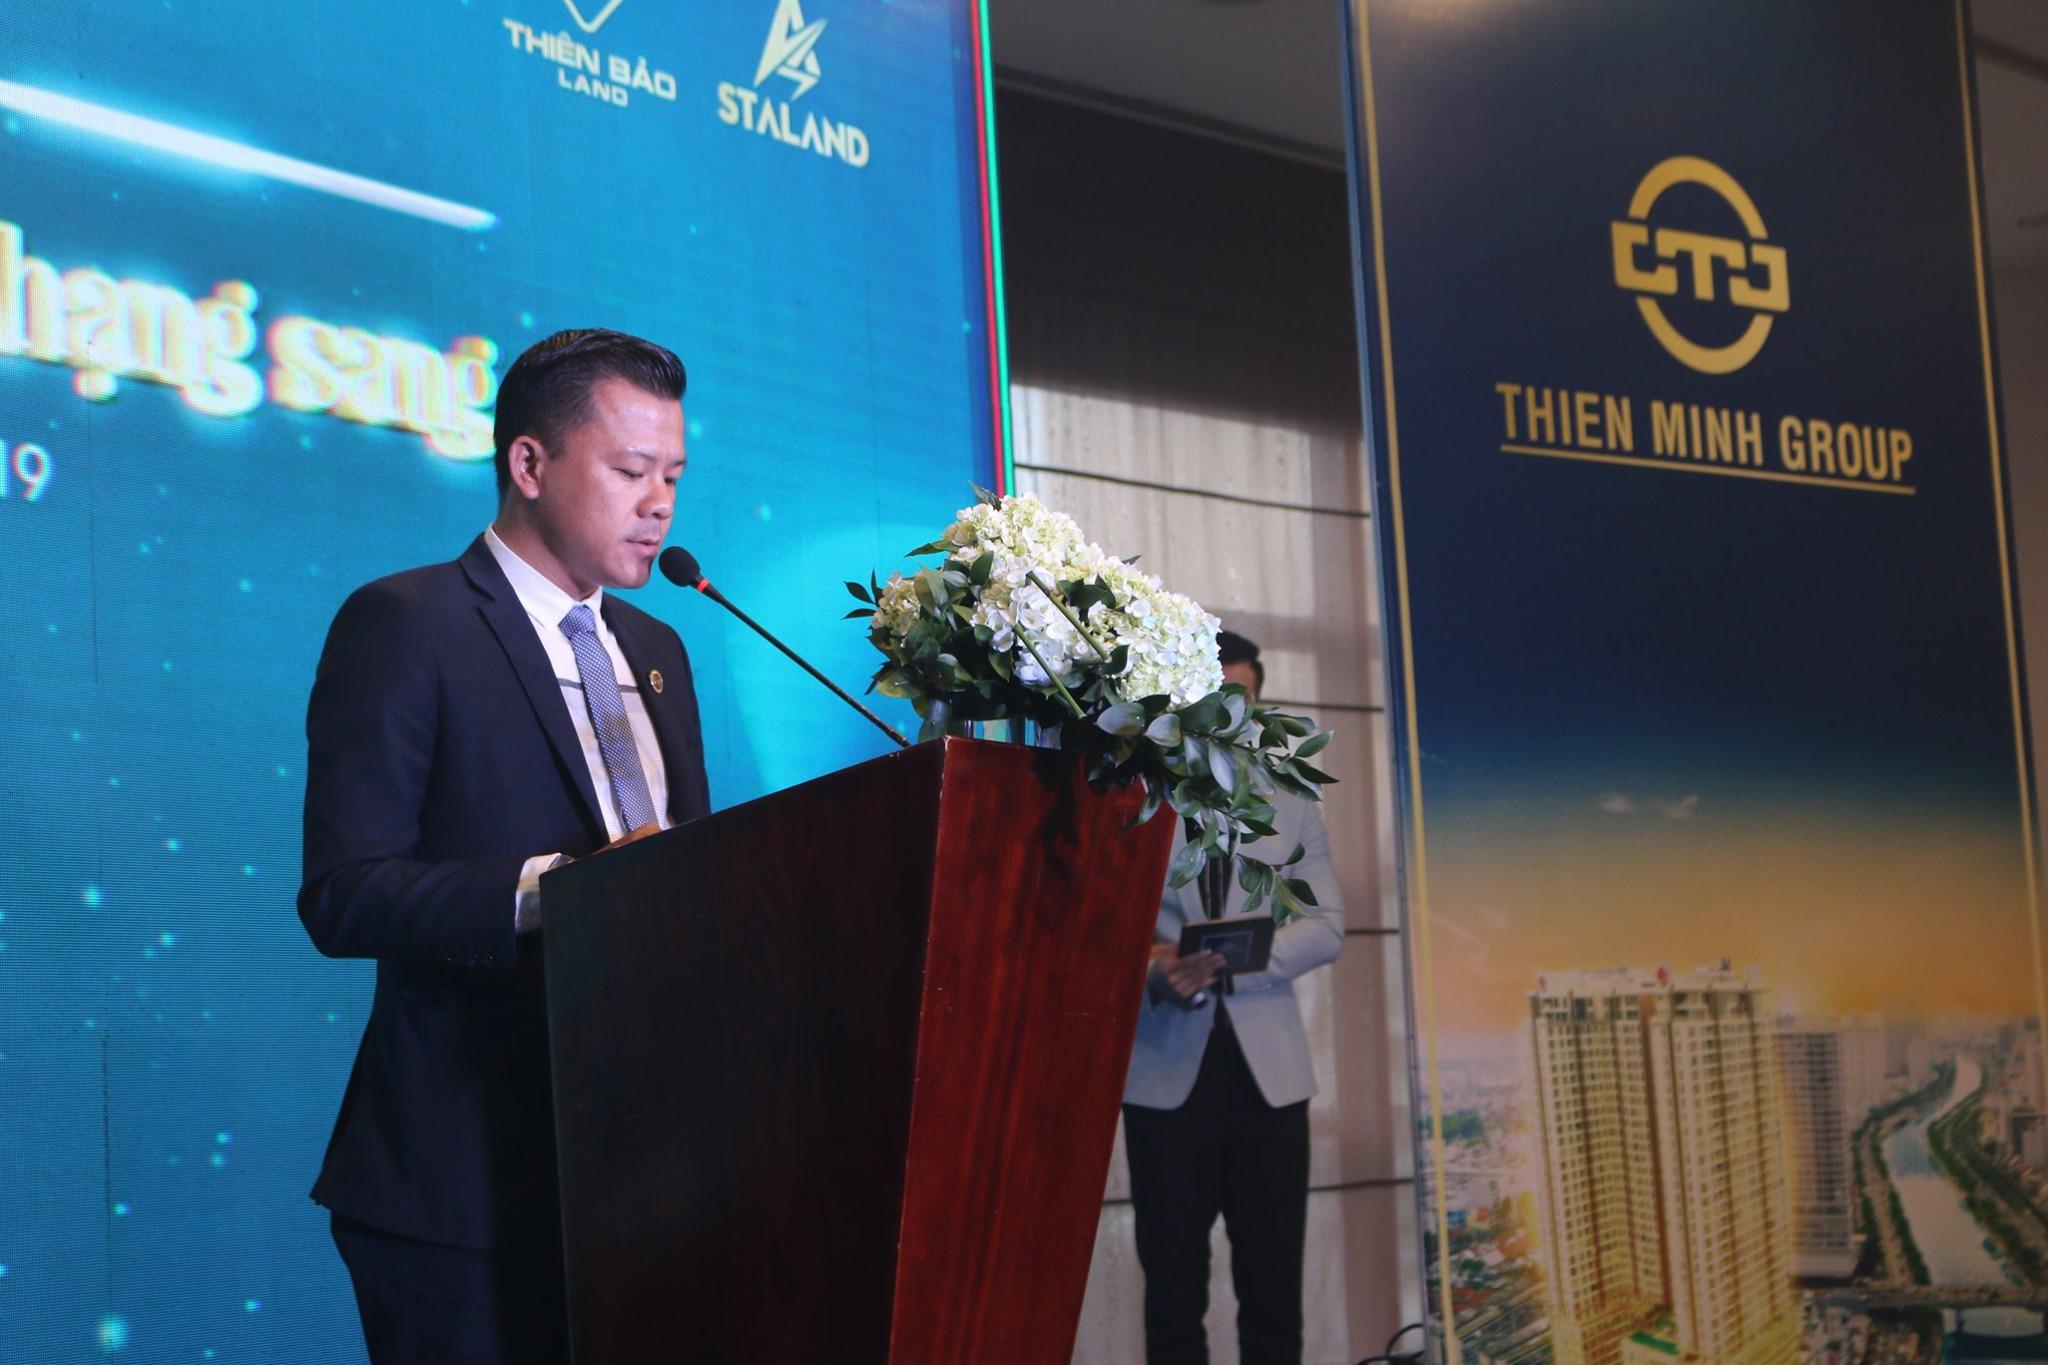 Thiên Minh Group đã tổ chức sự kiện